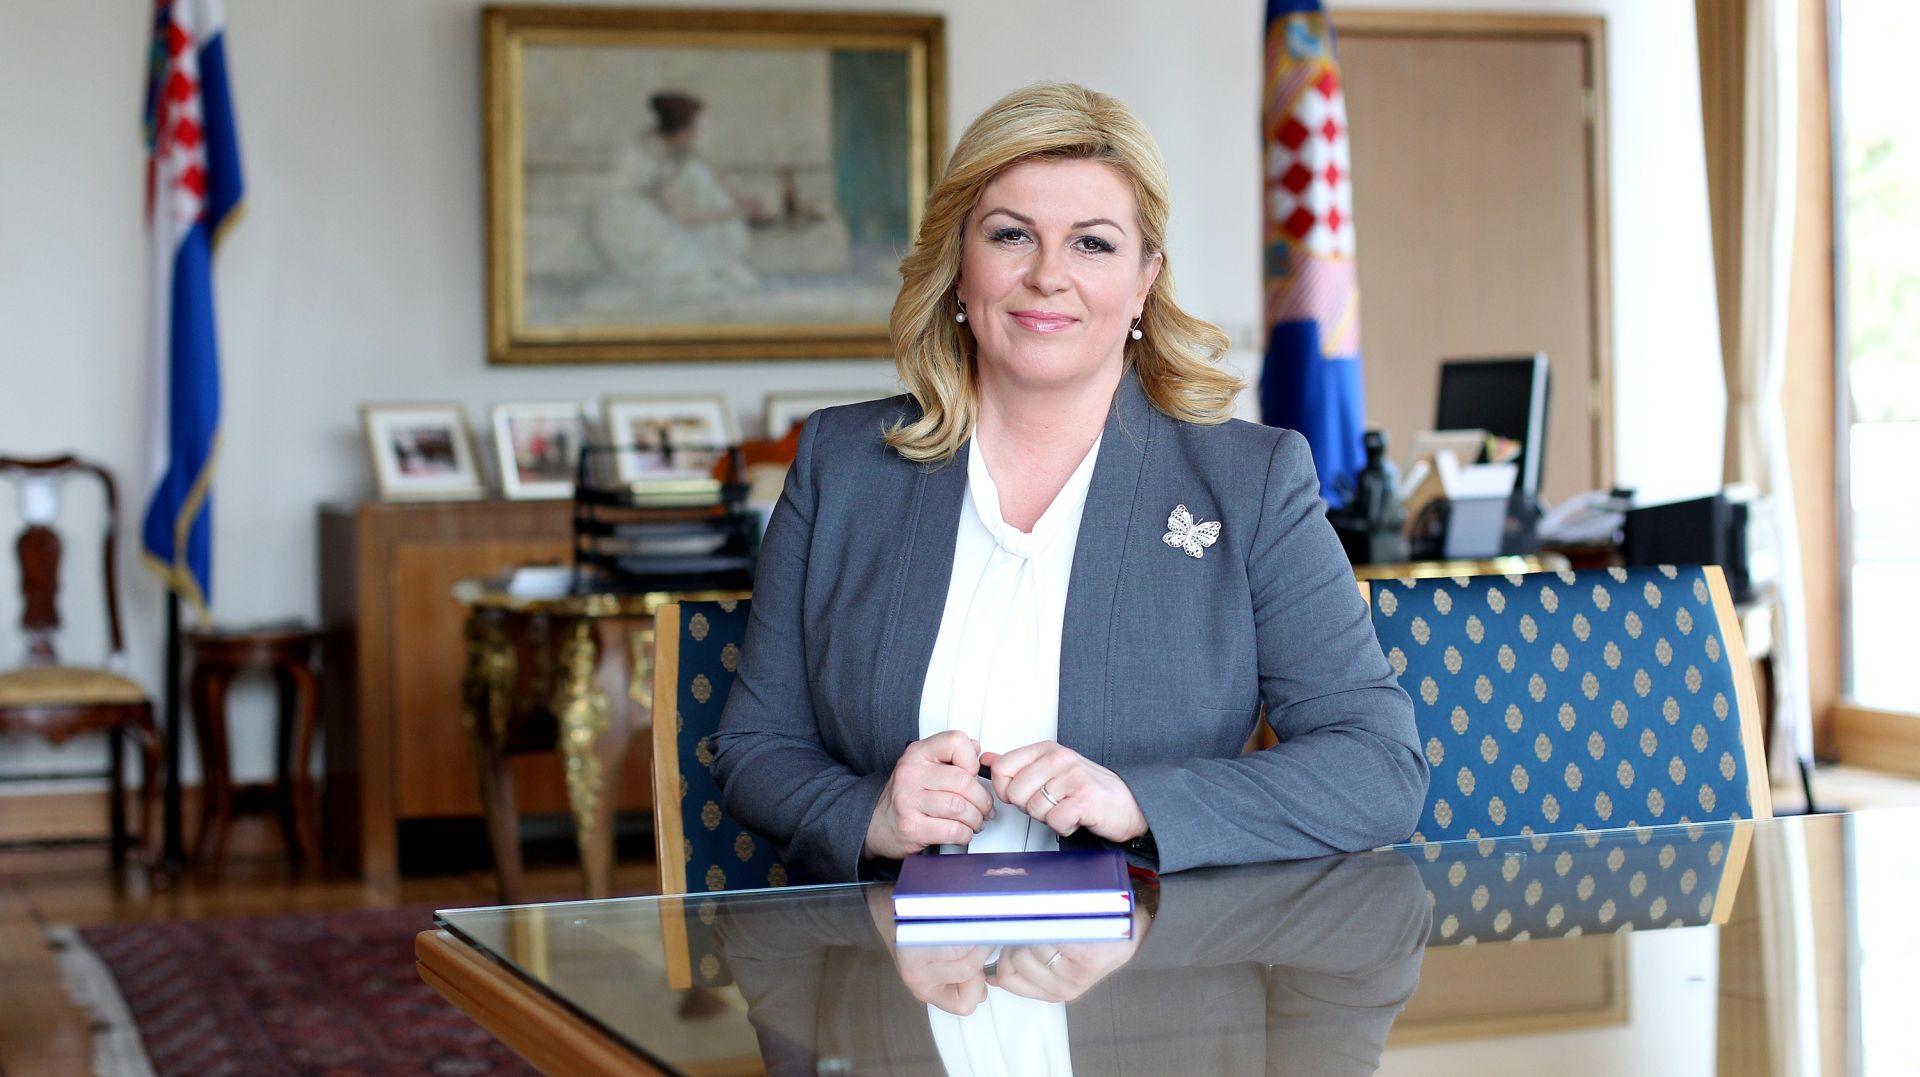 """Predsjednica Grabar-Kitarović obratila se naciji: """"Trgnite se! Zaustavite međusobne svađe i uhvatite se posla!"""""""